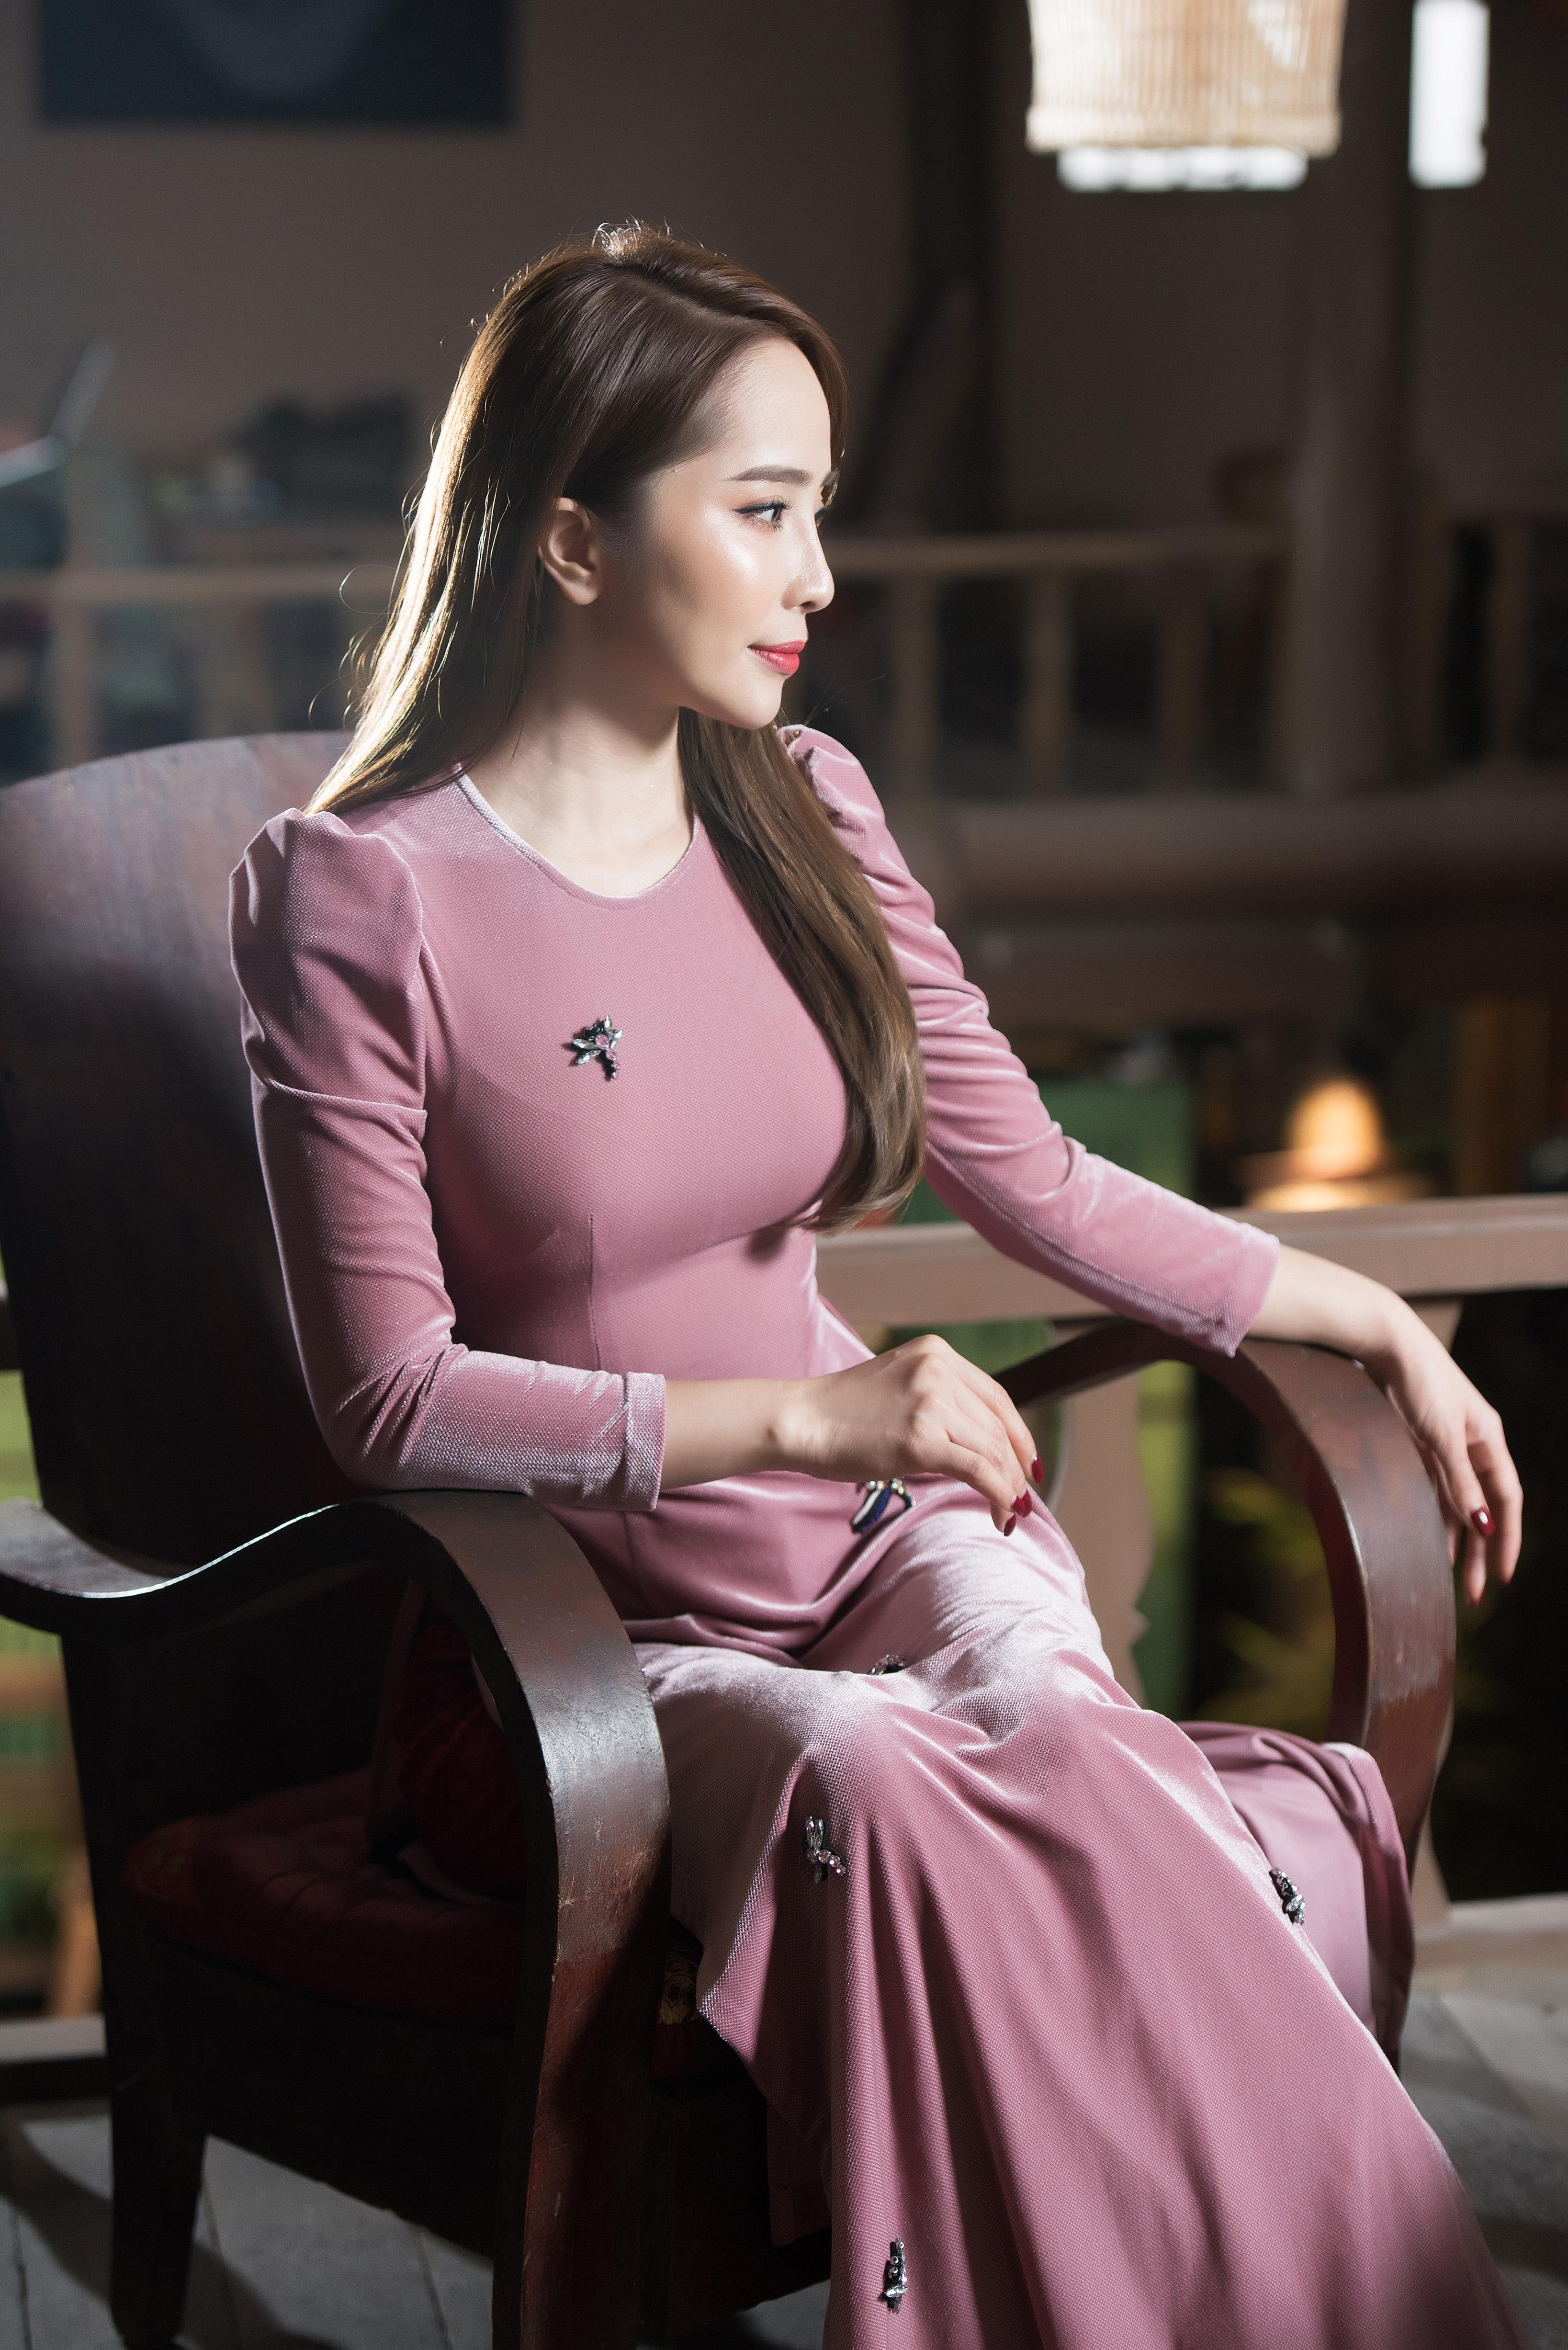 'Gái ngành' Quỳnh Nga khoe nhan sắc 'vạn người mê' trong bộ ảnh áo dài đón Tết 2